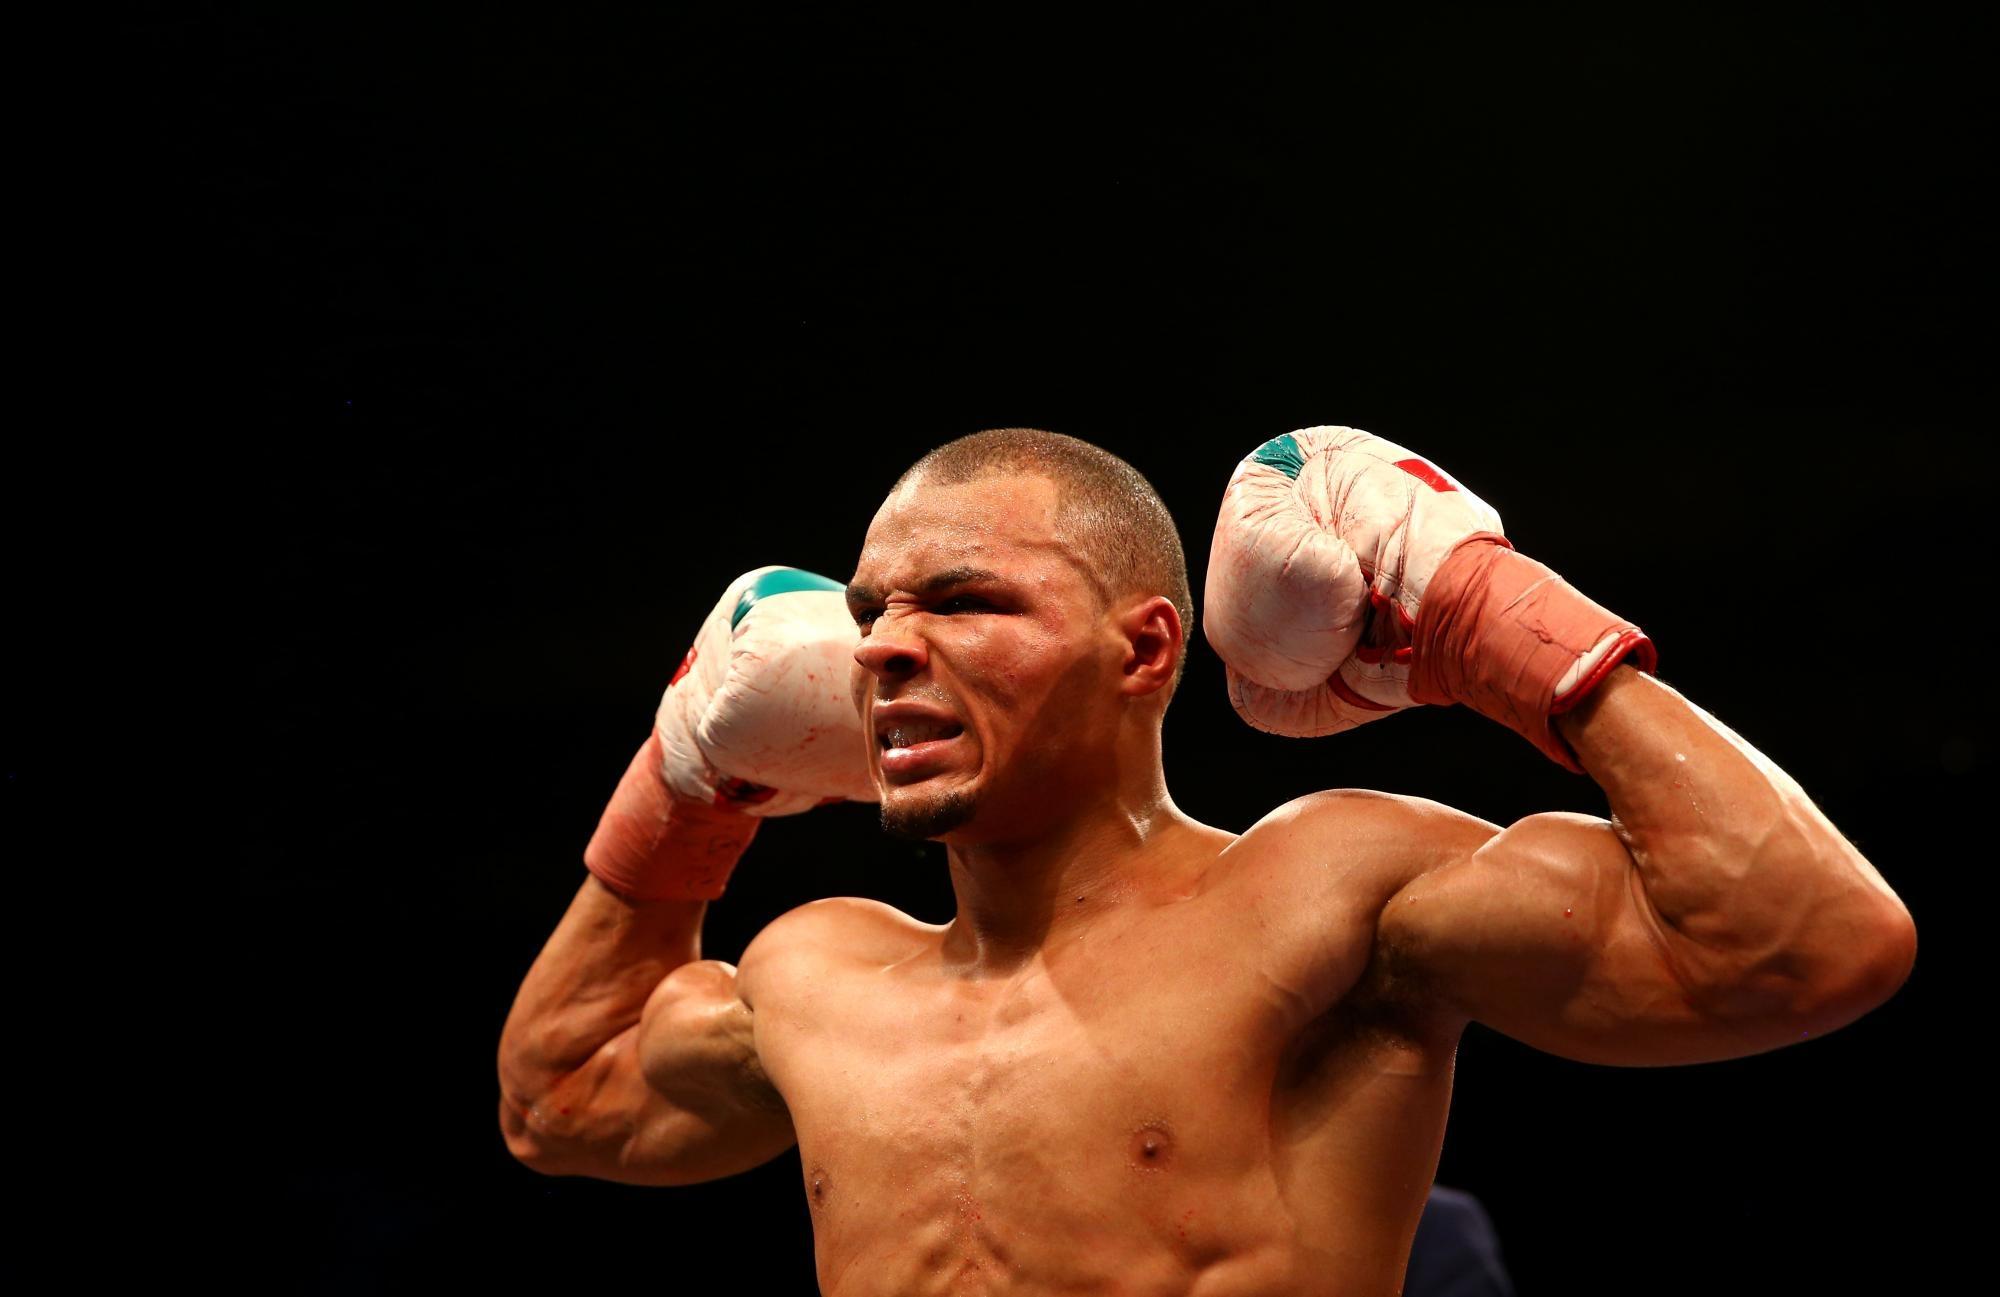 Юбенк победил Абрахама истал последним участником глобальной суперсерии бокса